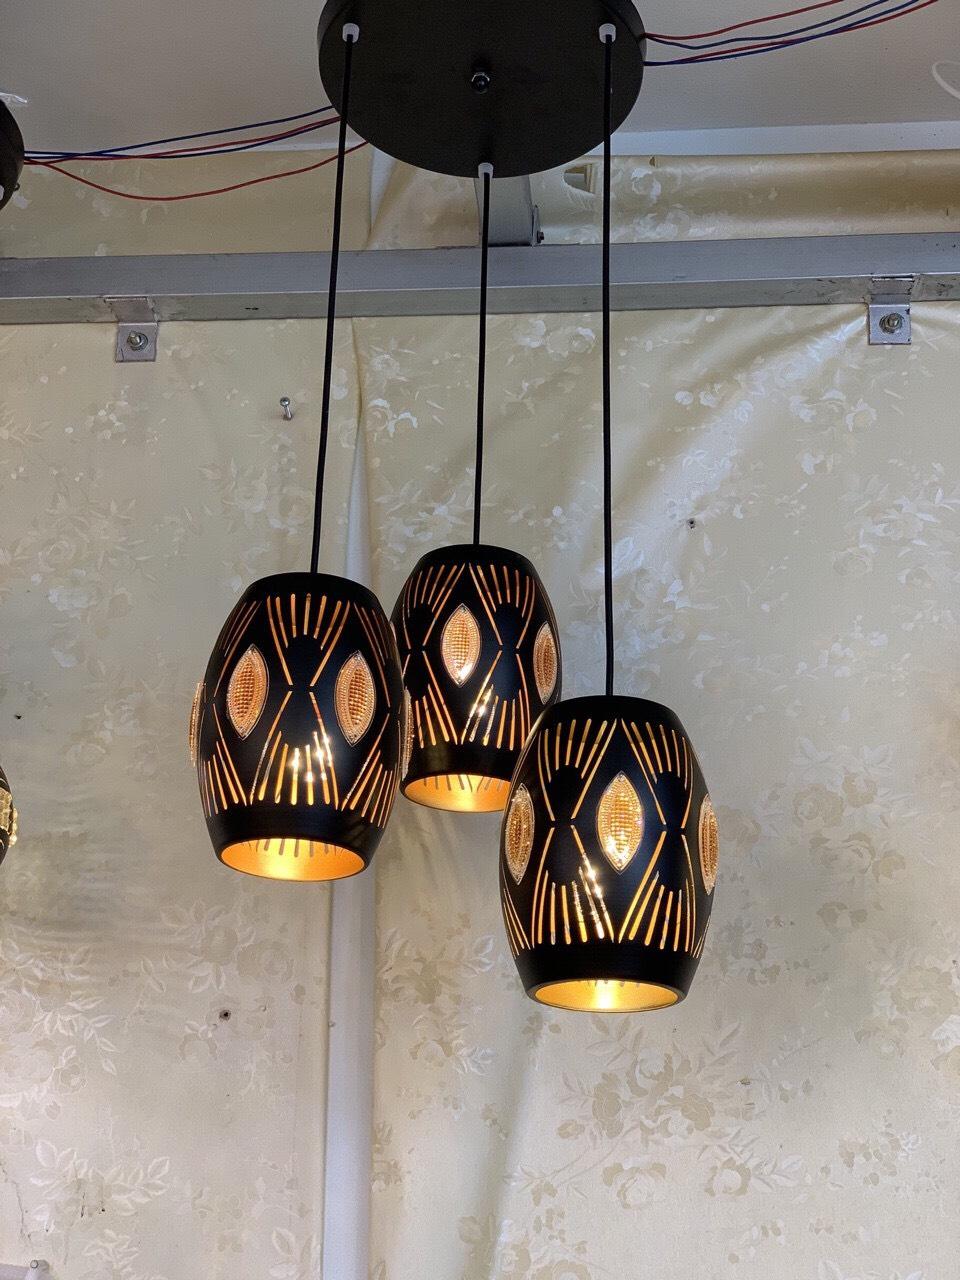 Đèn thả TOXIC cao cấp, phong cách hiện đại - kèm bóng LED chuyên dụng.